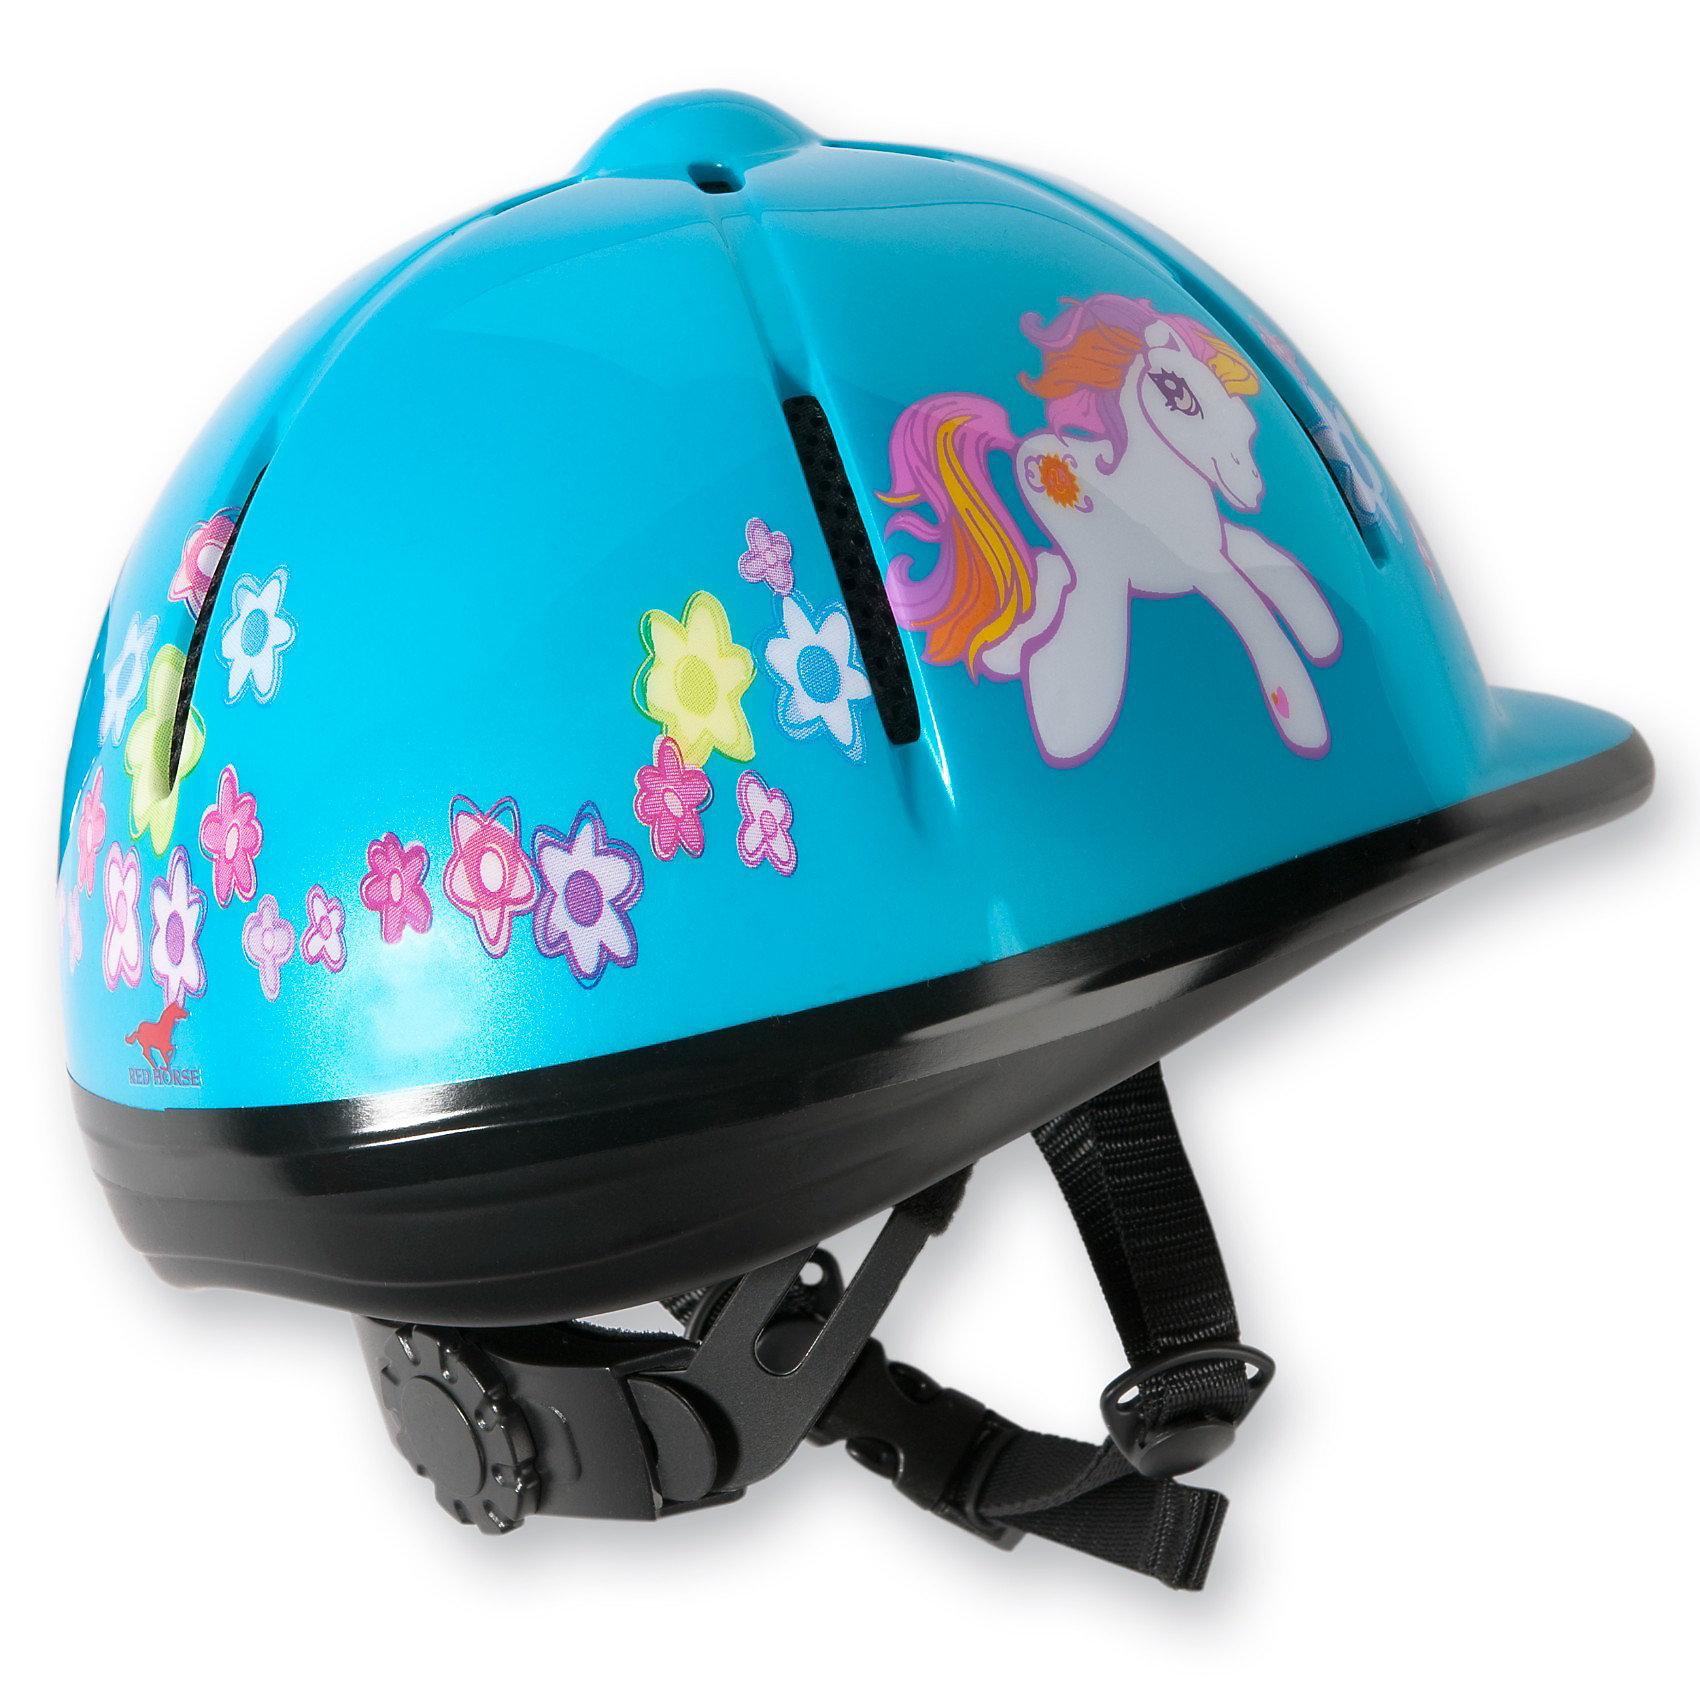 Neu ROT HORSE Kinder Sicherheitsreithelm Sicherheitsreithelm Kinder RIDER, schwarz 8335680 für Mädchen d2f8c1